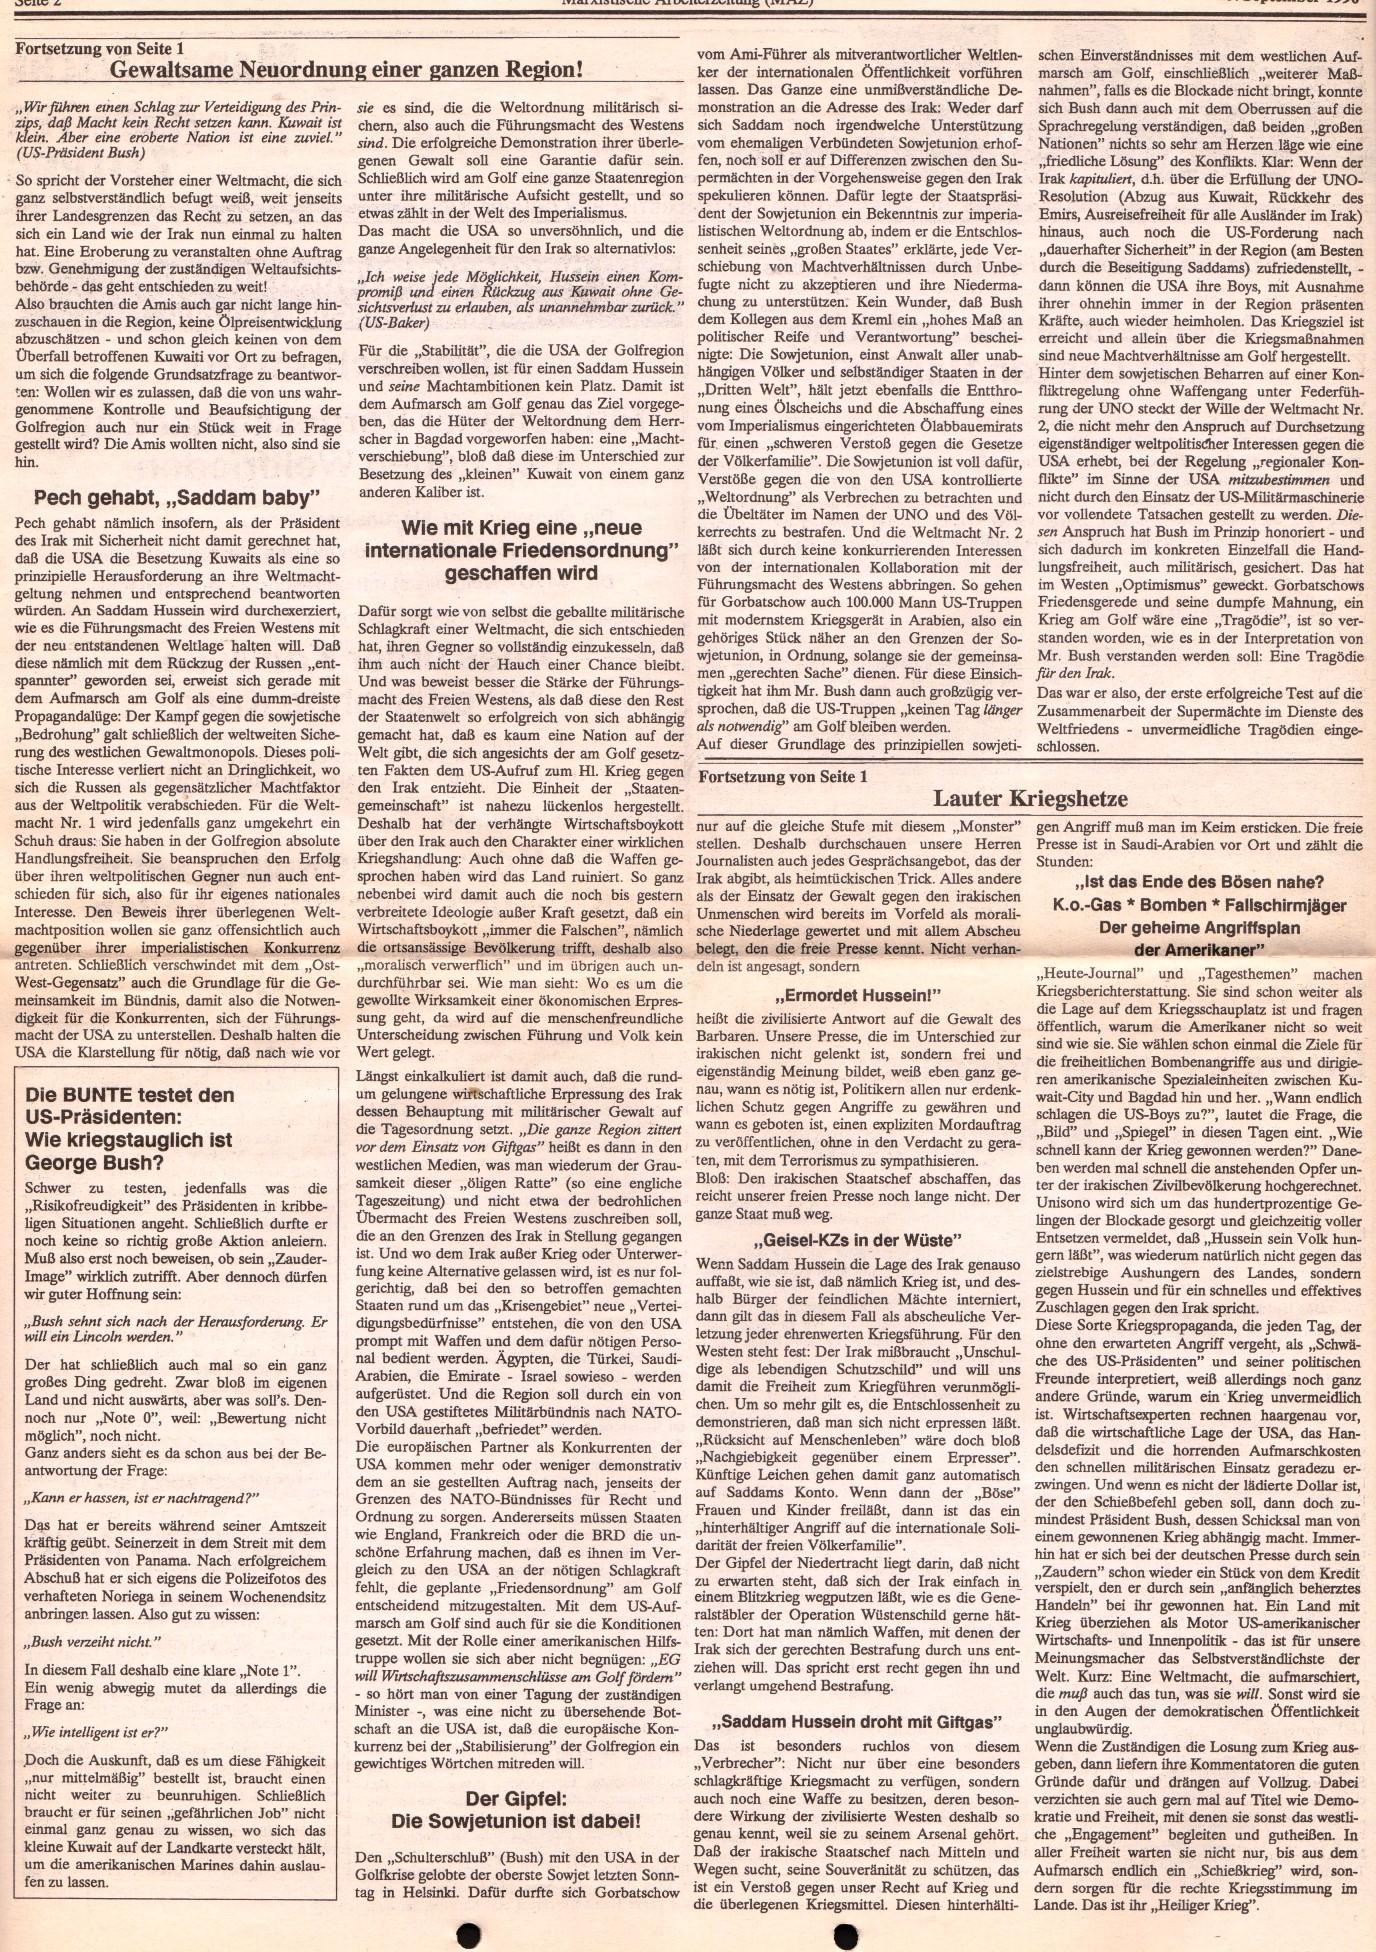 Hamburg_MG_MAZ_19900913_02